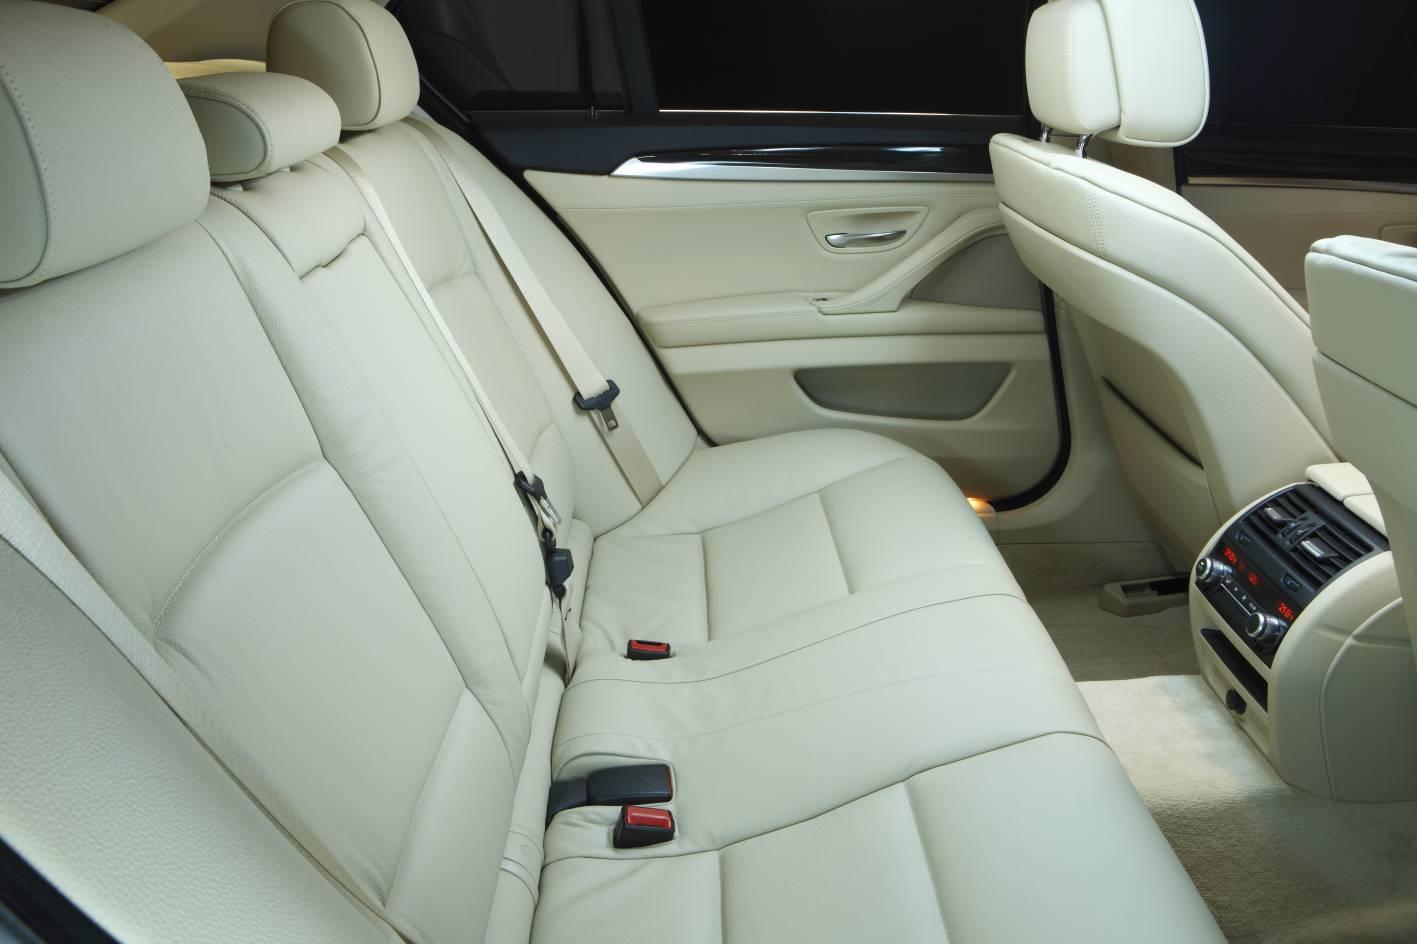 2011_bmw_5_series_sedan_07